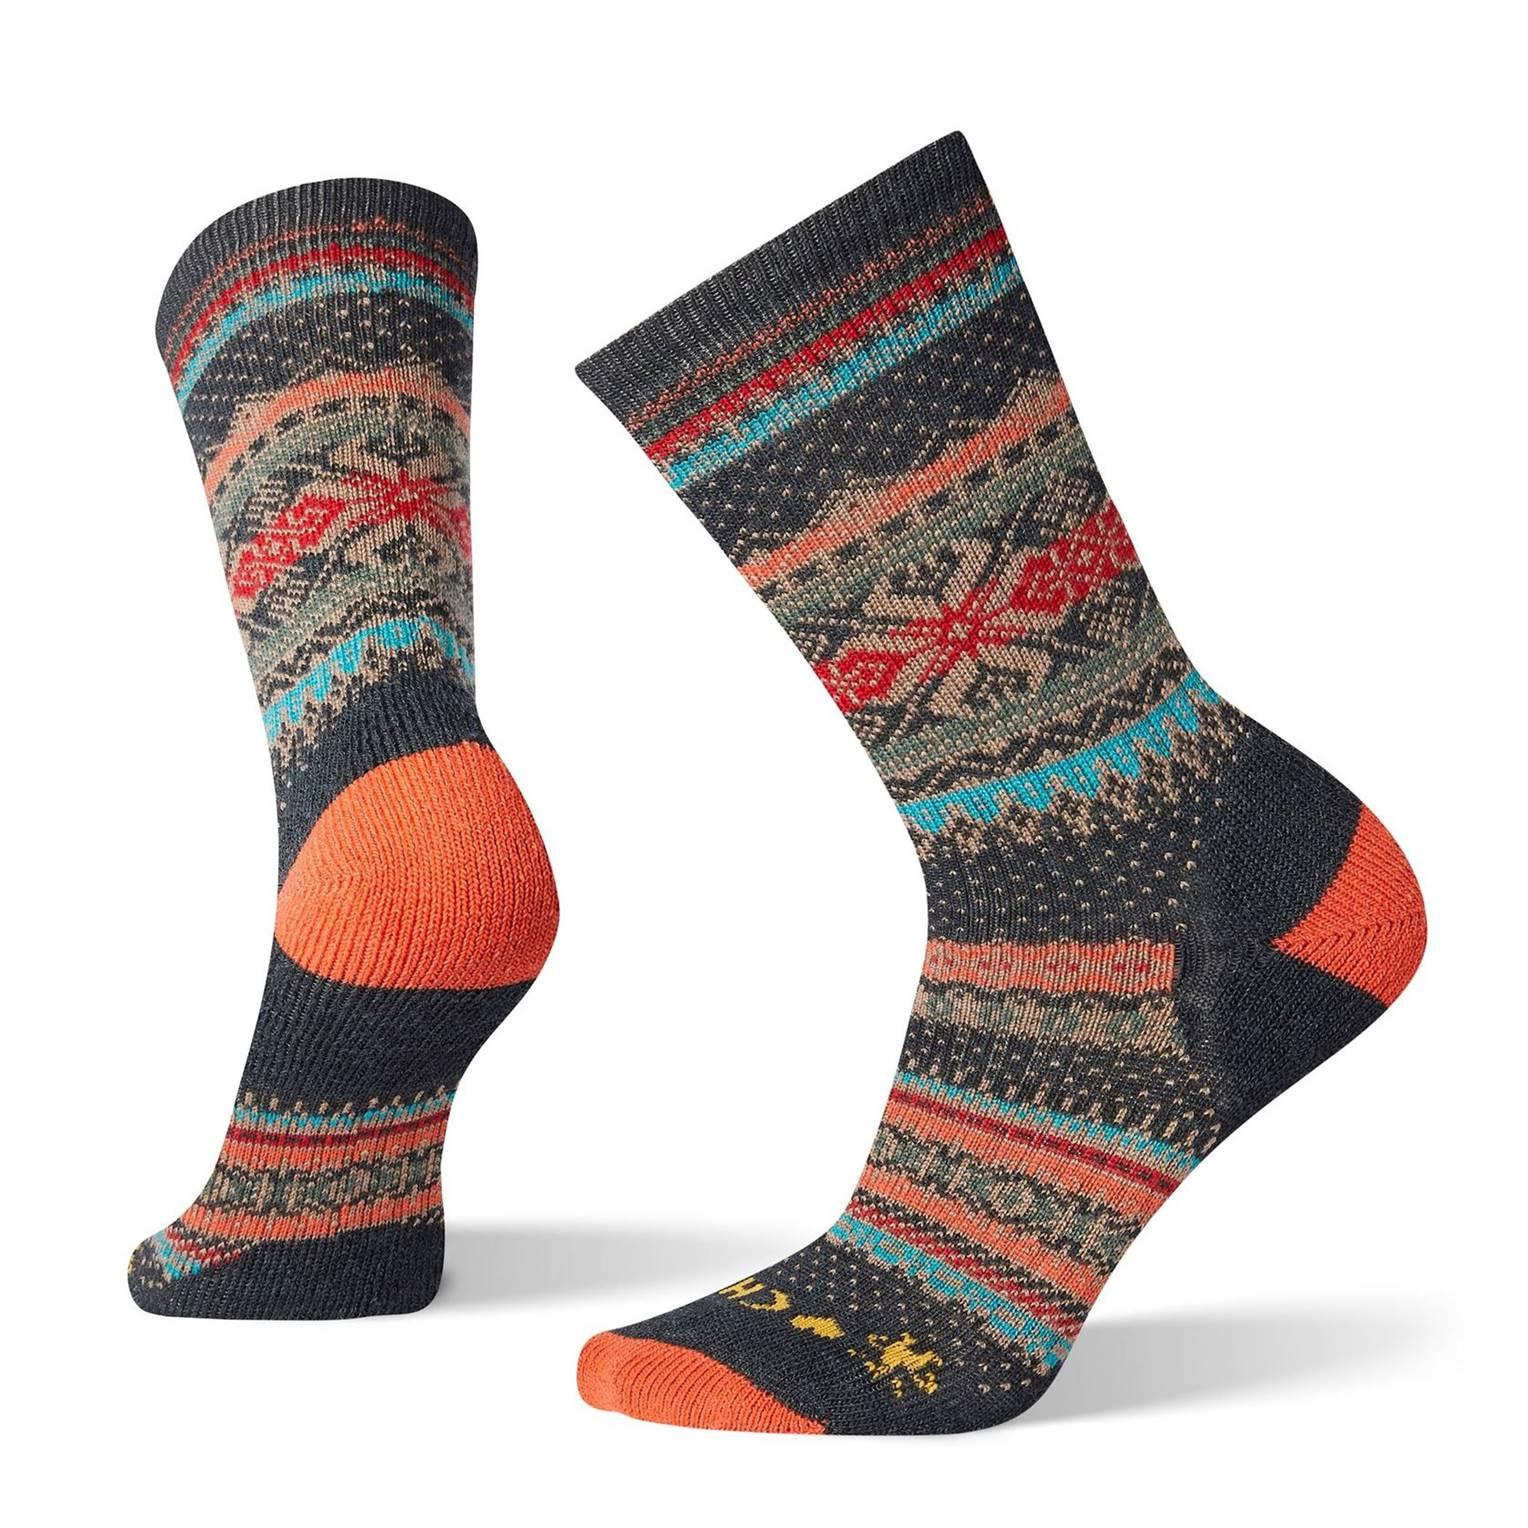 Premium CHUP Hansker Crew Sock - Men's